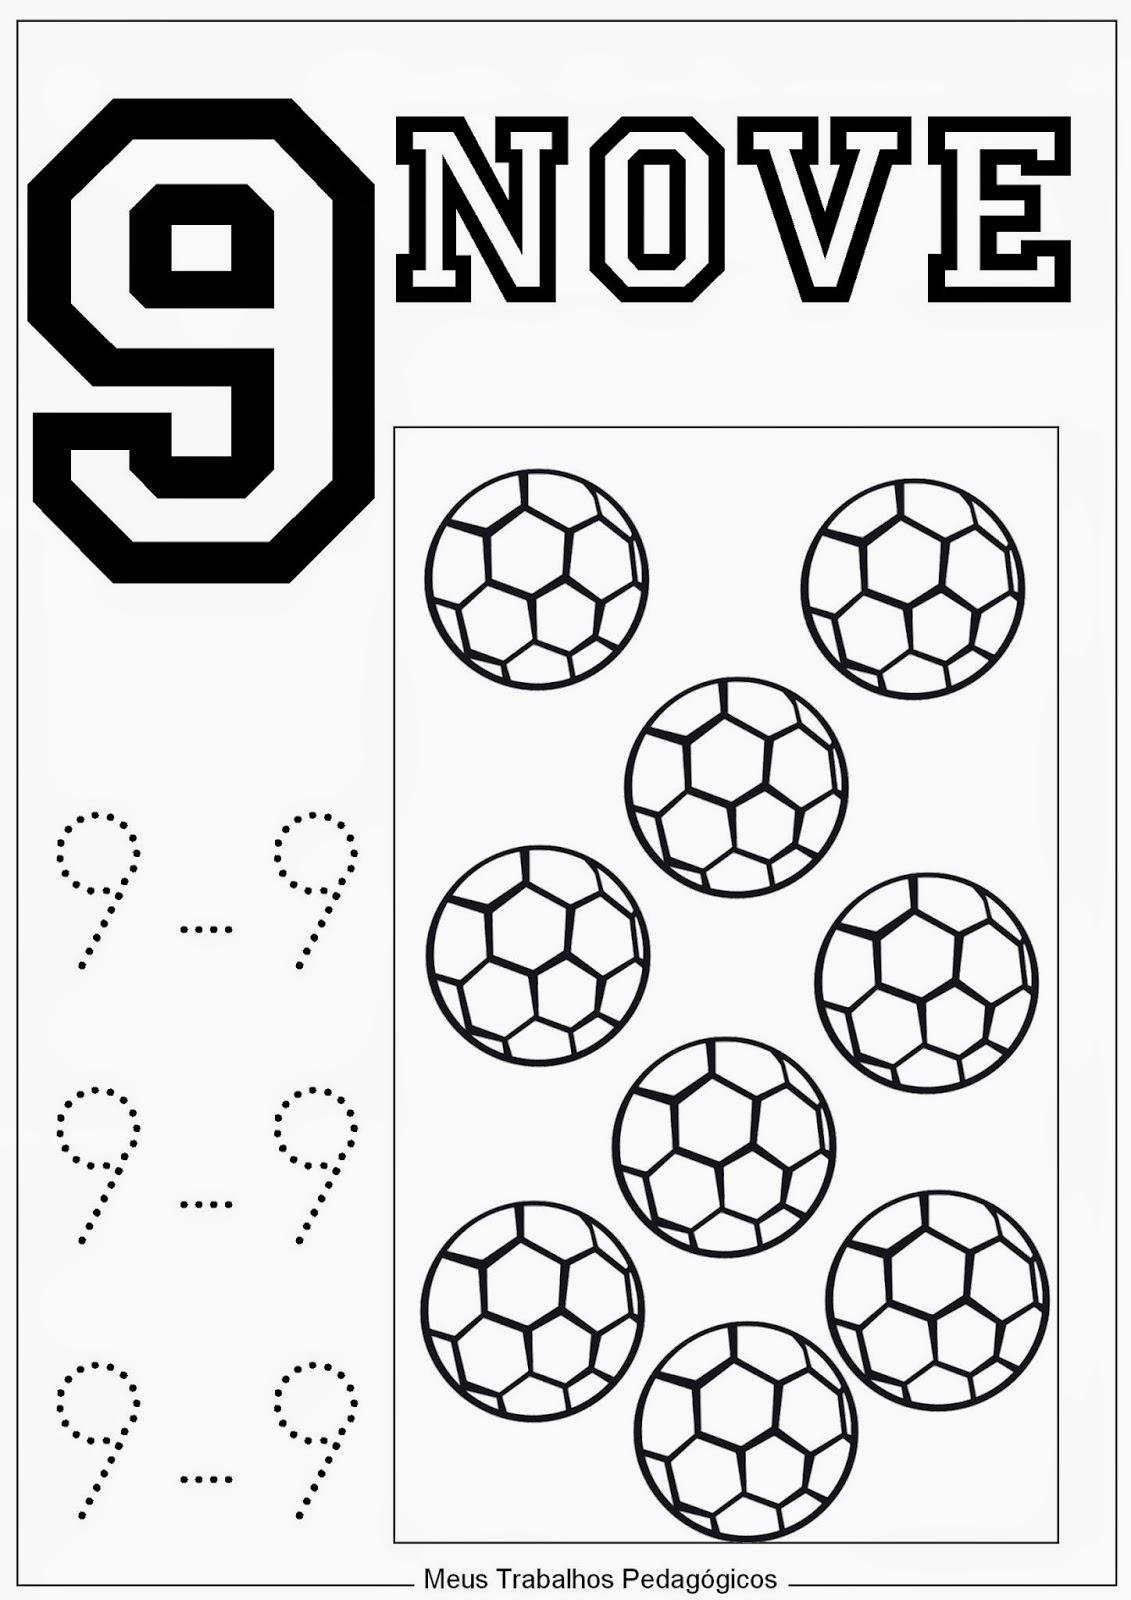 0 a 10 1973 vw standard beetle wiring diagram loucos por tecnologias alfabetização numerais ilustrados